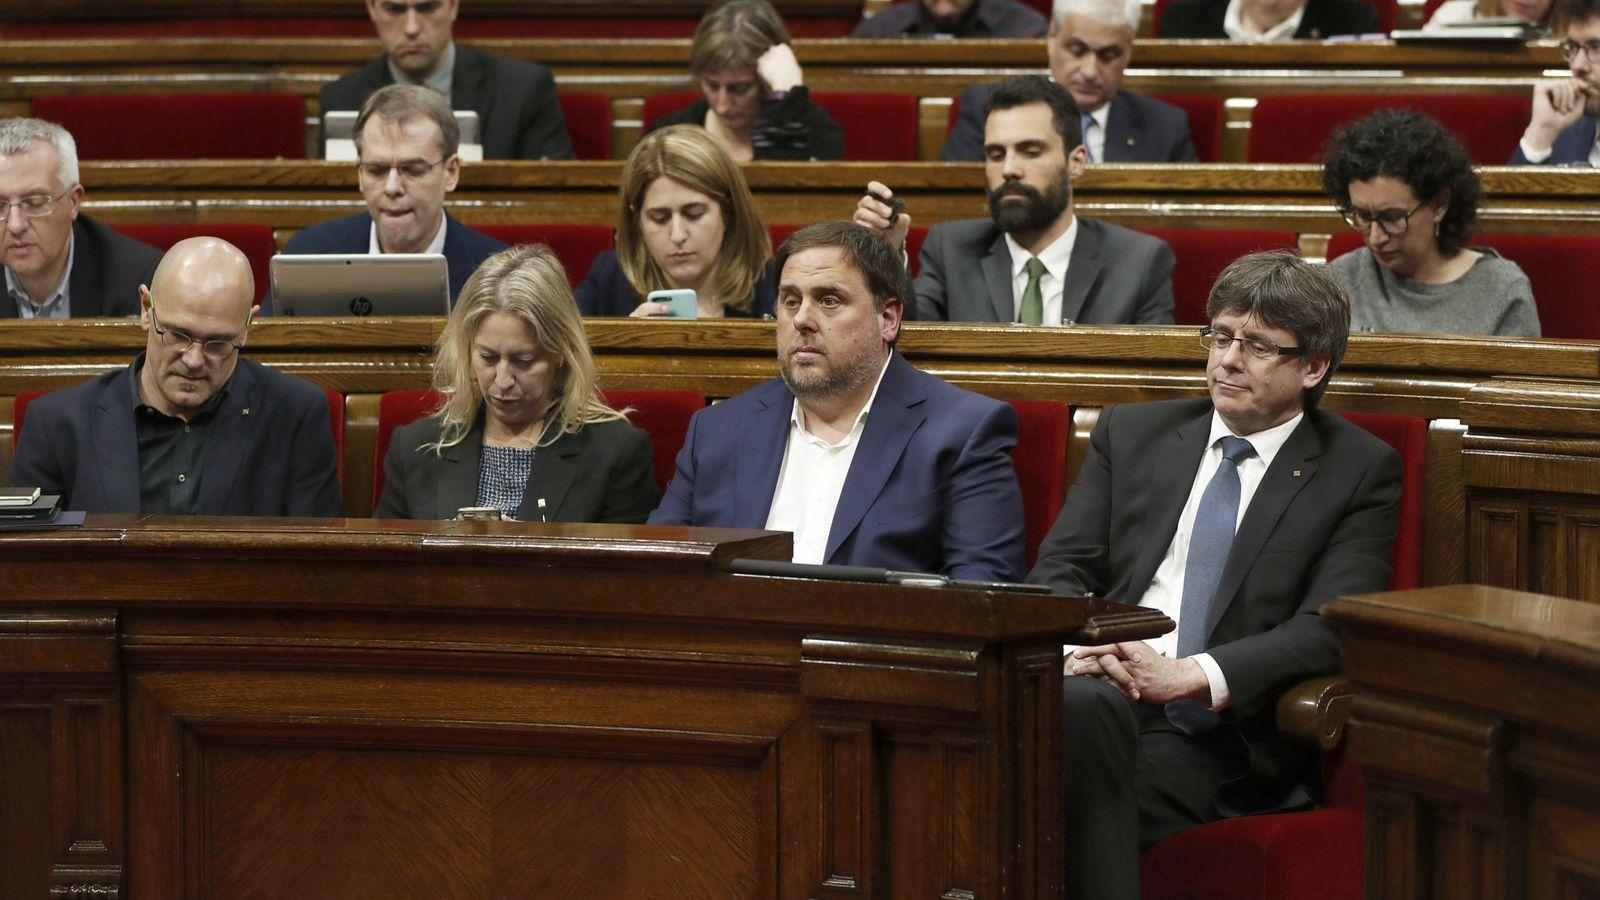 Foto: Miembros del Govern, entre ellos Raül Romeva. (EFE)